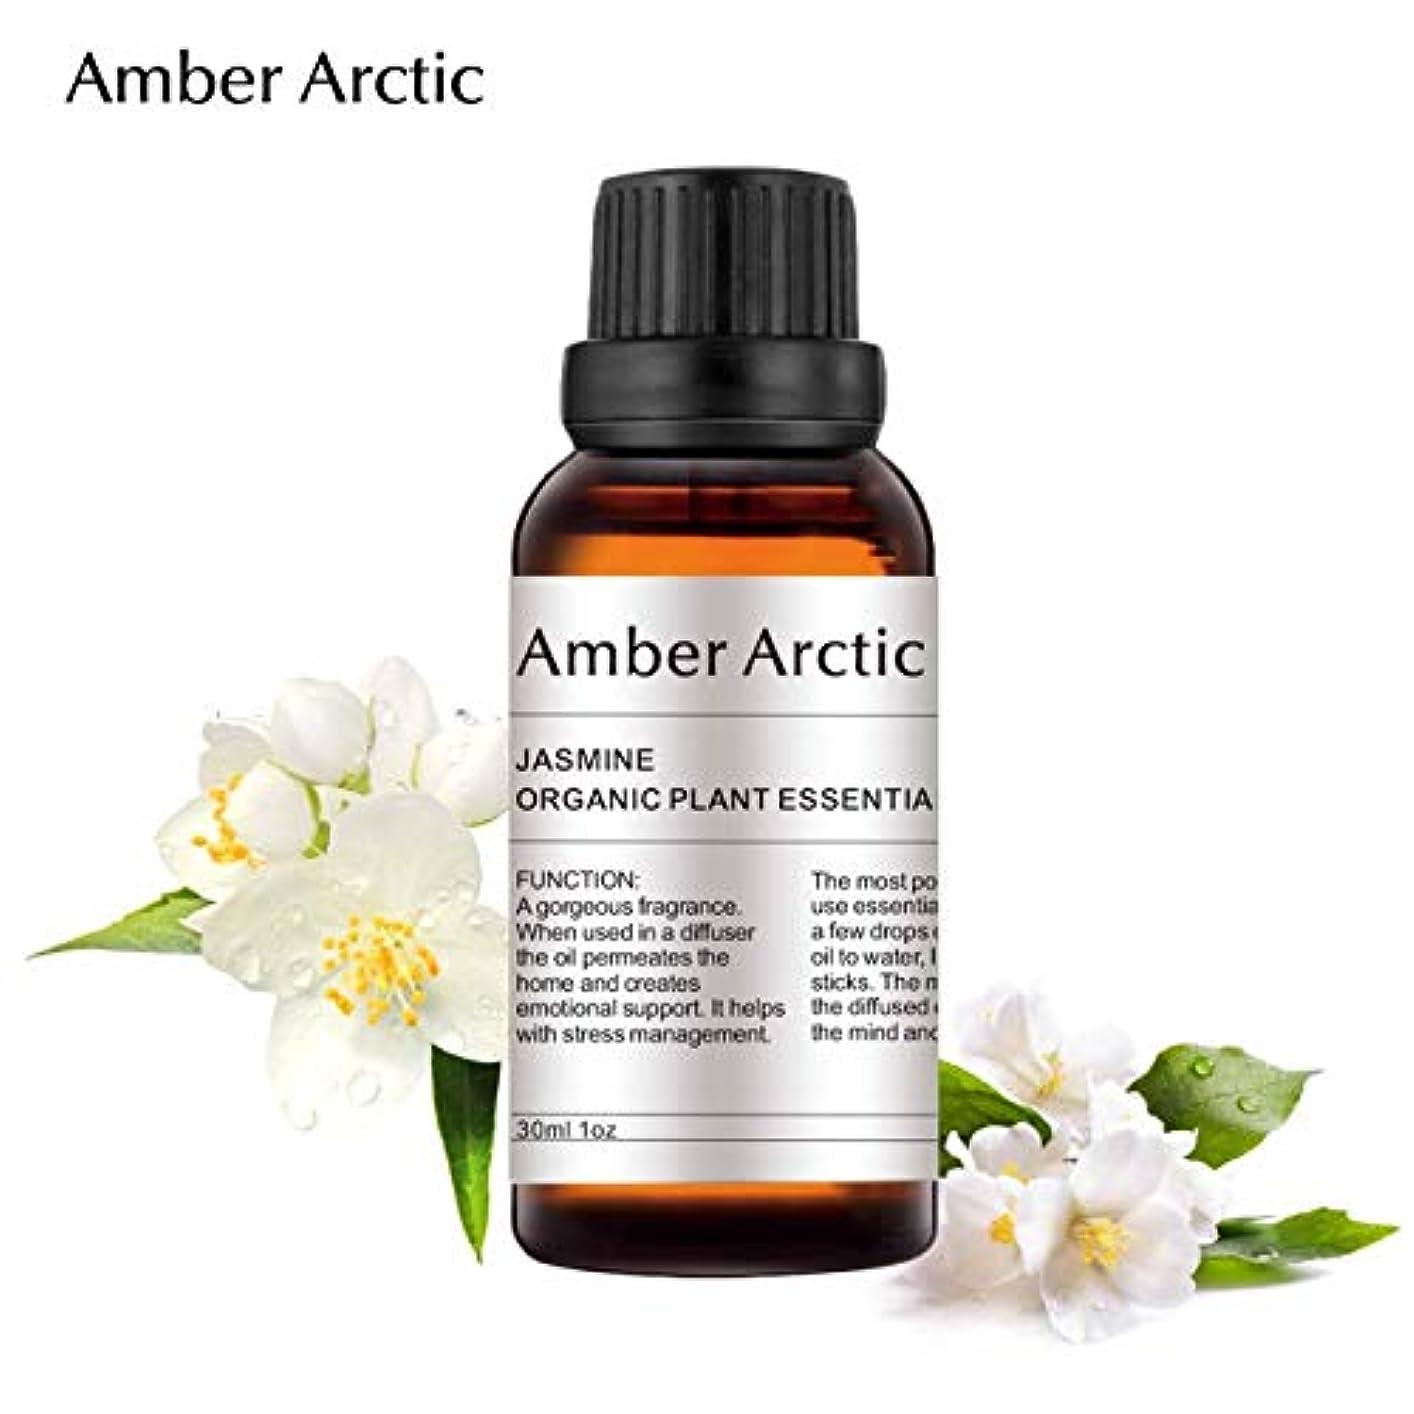 にんじん作曲する特権AMBER ARCTIC エッセンシャル オイル ディフューザー 用 100% 純粋 新鮮 有機 植物 セラピー オイル 30Ml ジャスミン ジャスミン